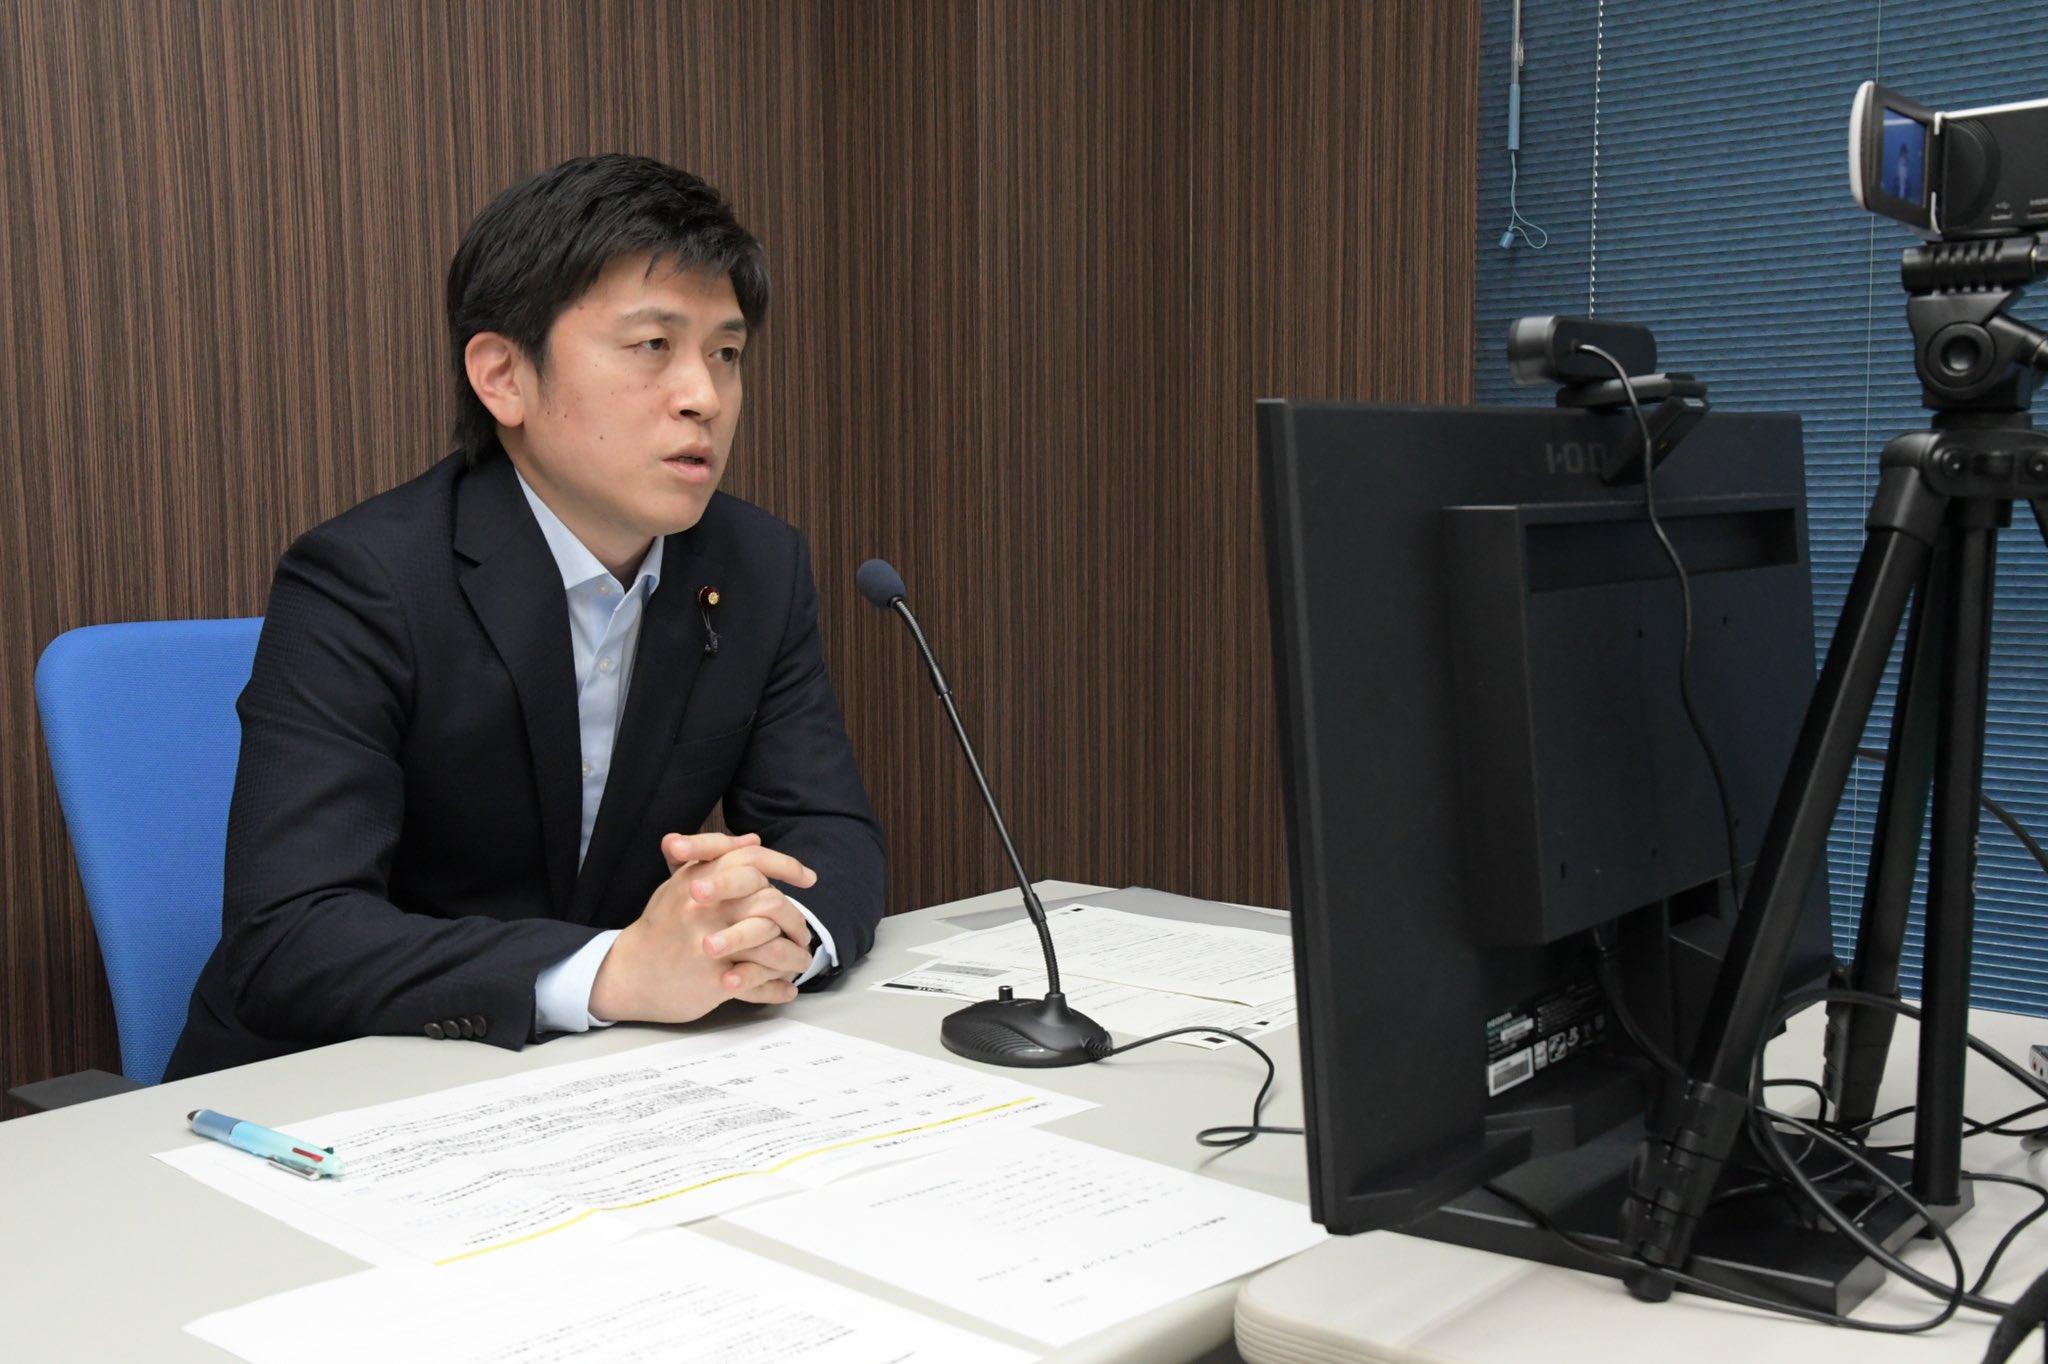 尼崎市の青年党員と懇談